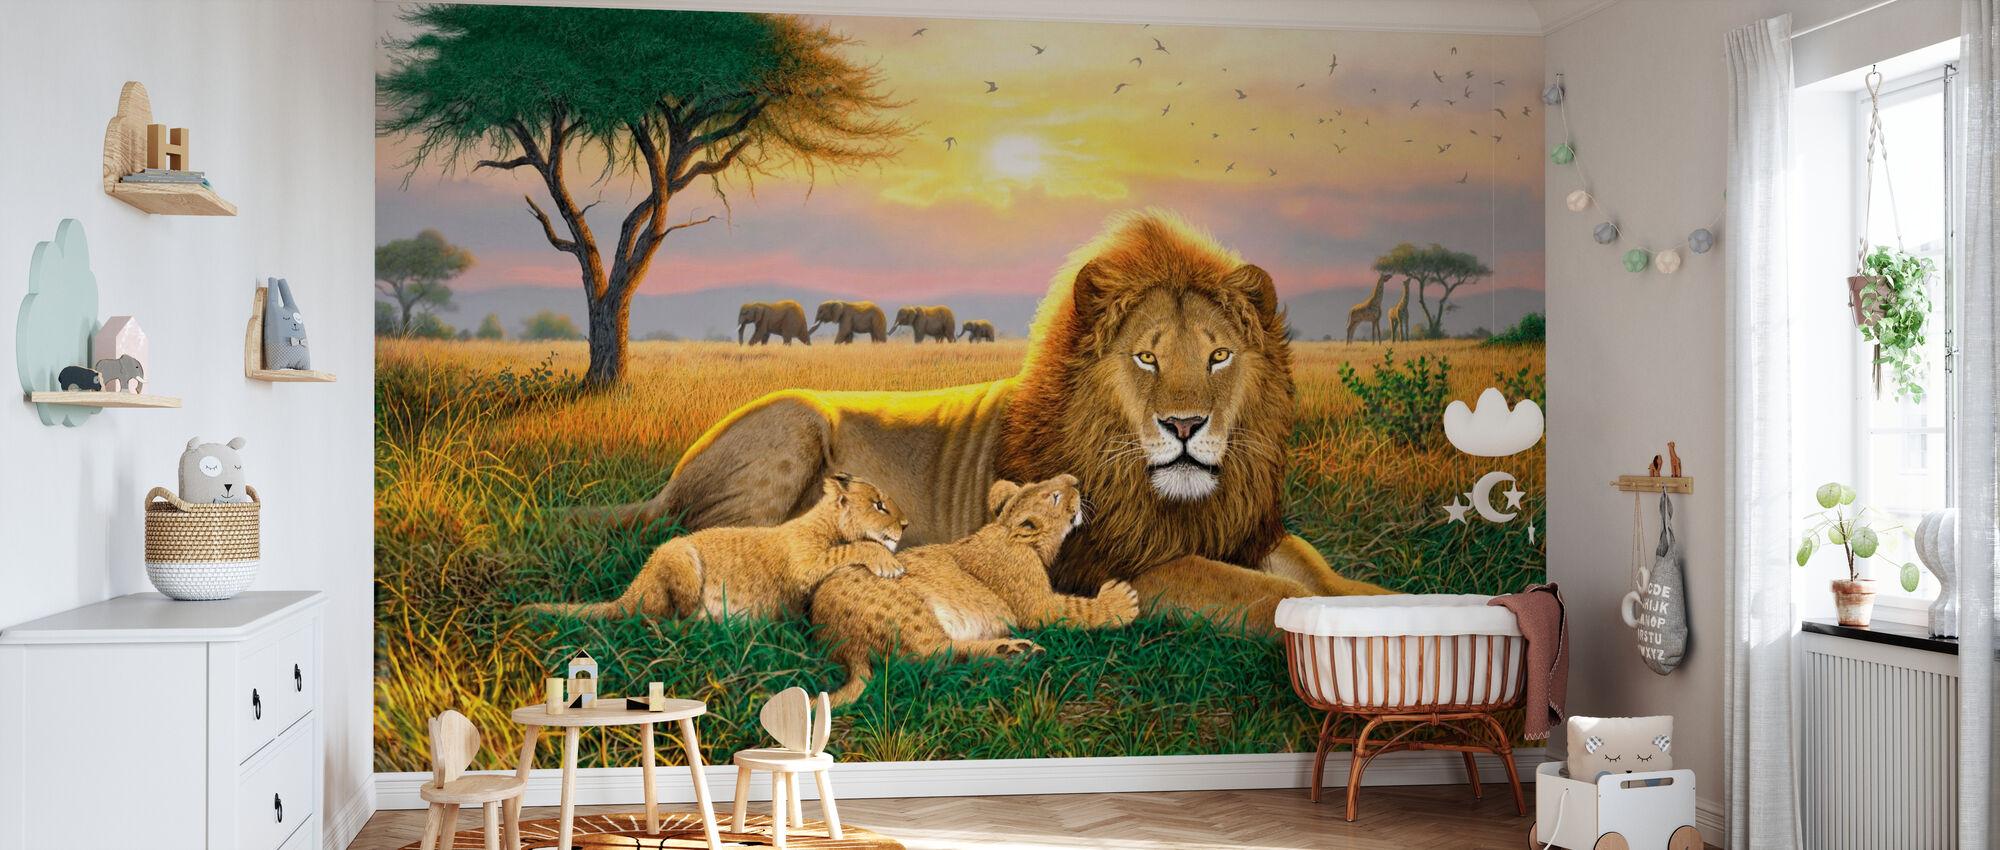 Koningen van de Serengeti - Behang - Babykamer